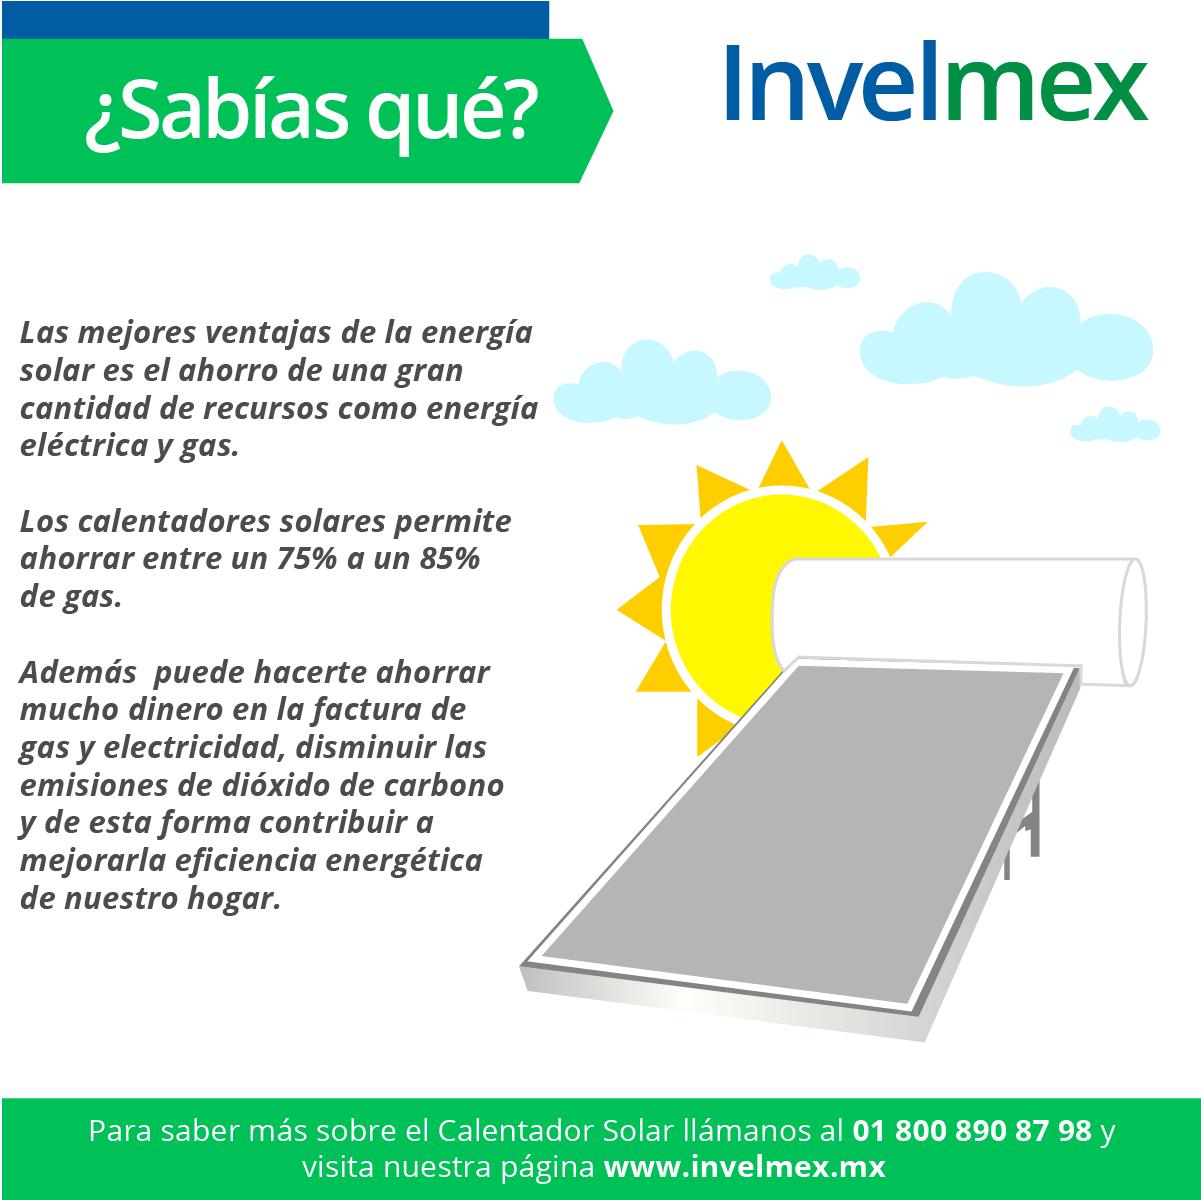 Sabias Que El Calentador Solar Permite Ahorrar Entre Un 75 A Un 85 De Gas Si Tienes Otro Dato In Energia Renovable Energia Solar Energia Solar Termica